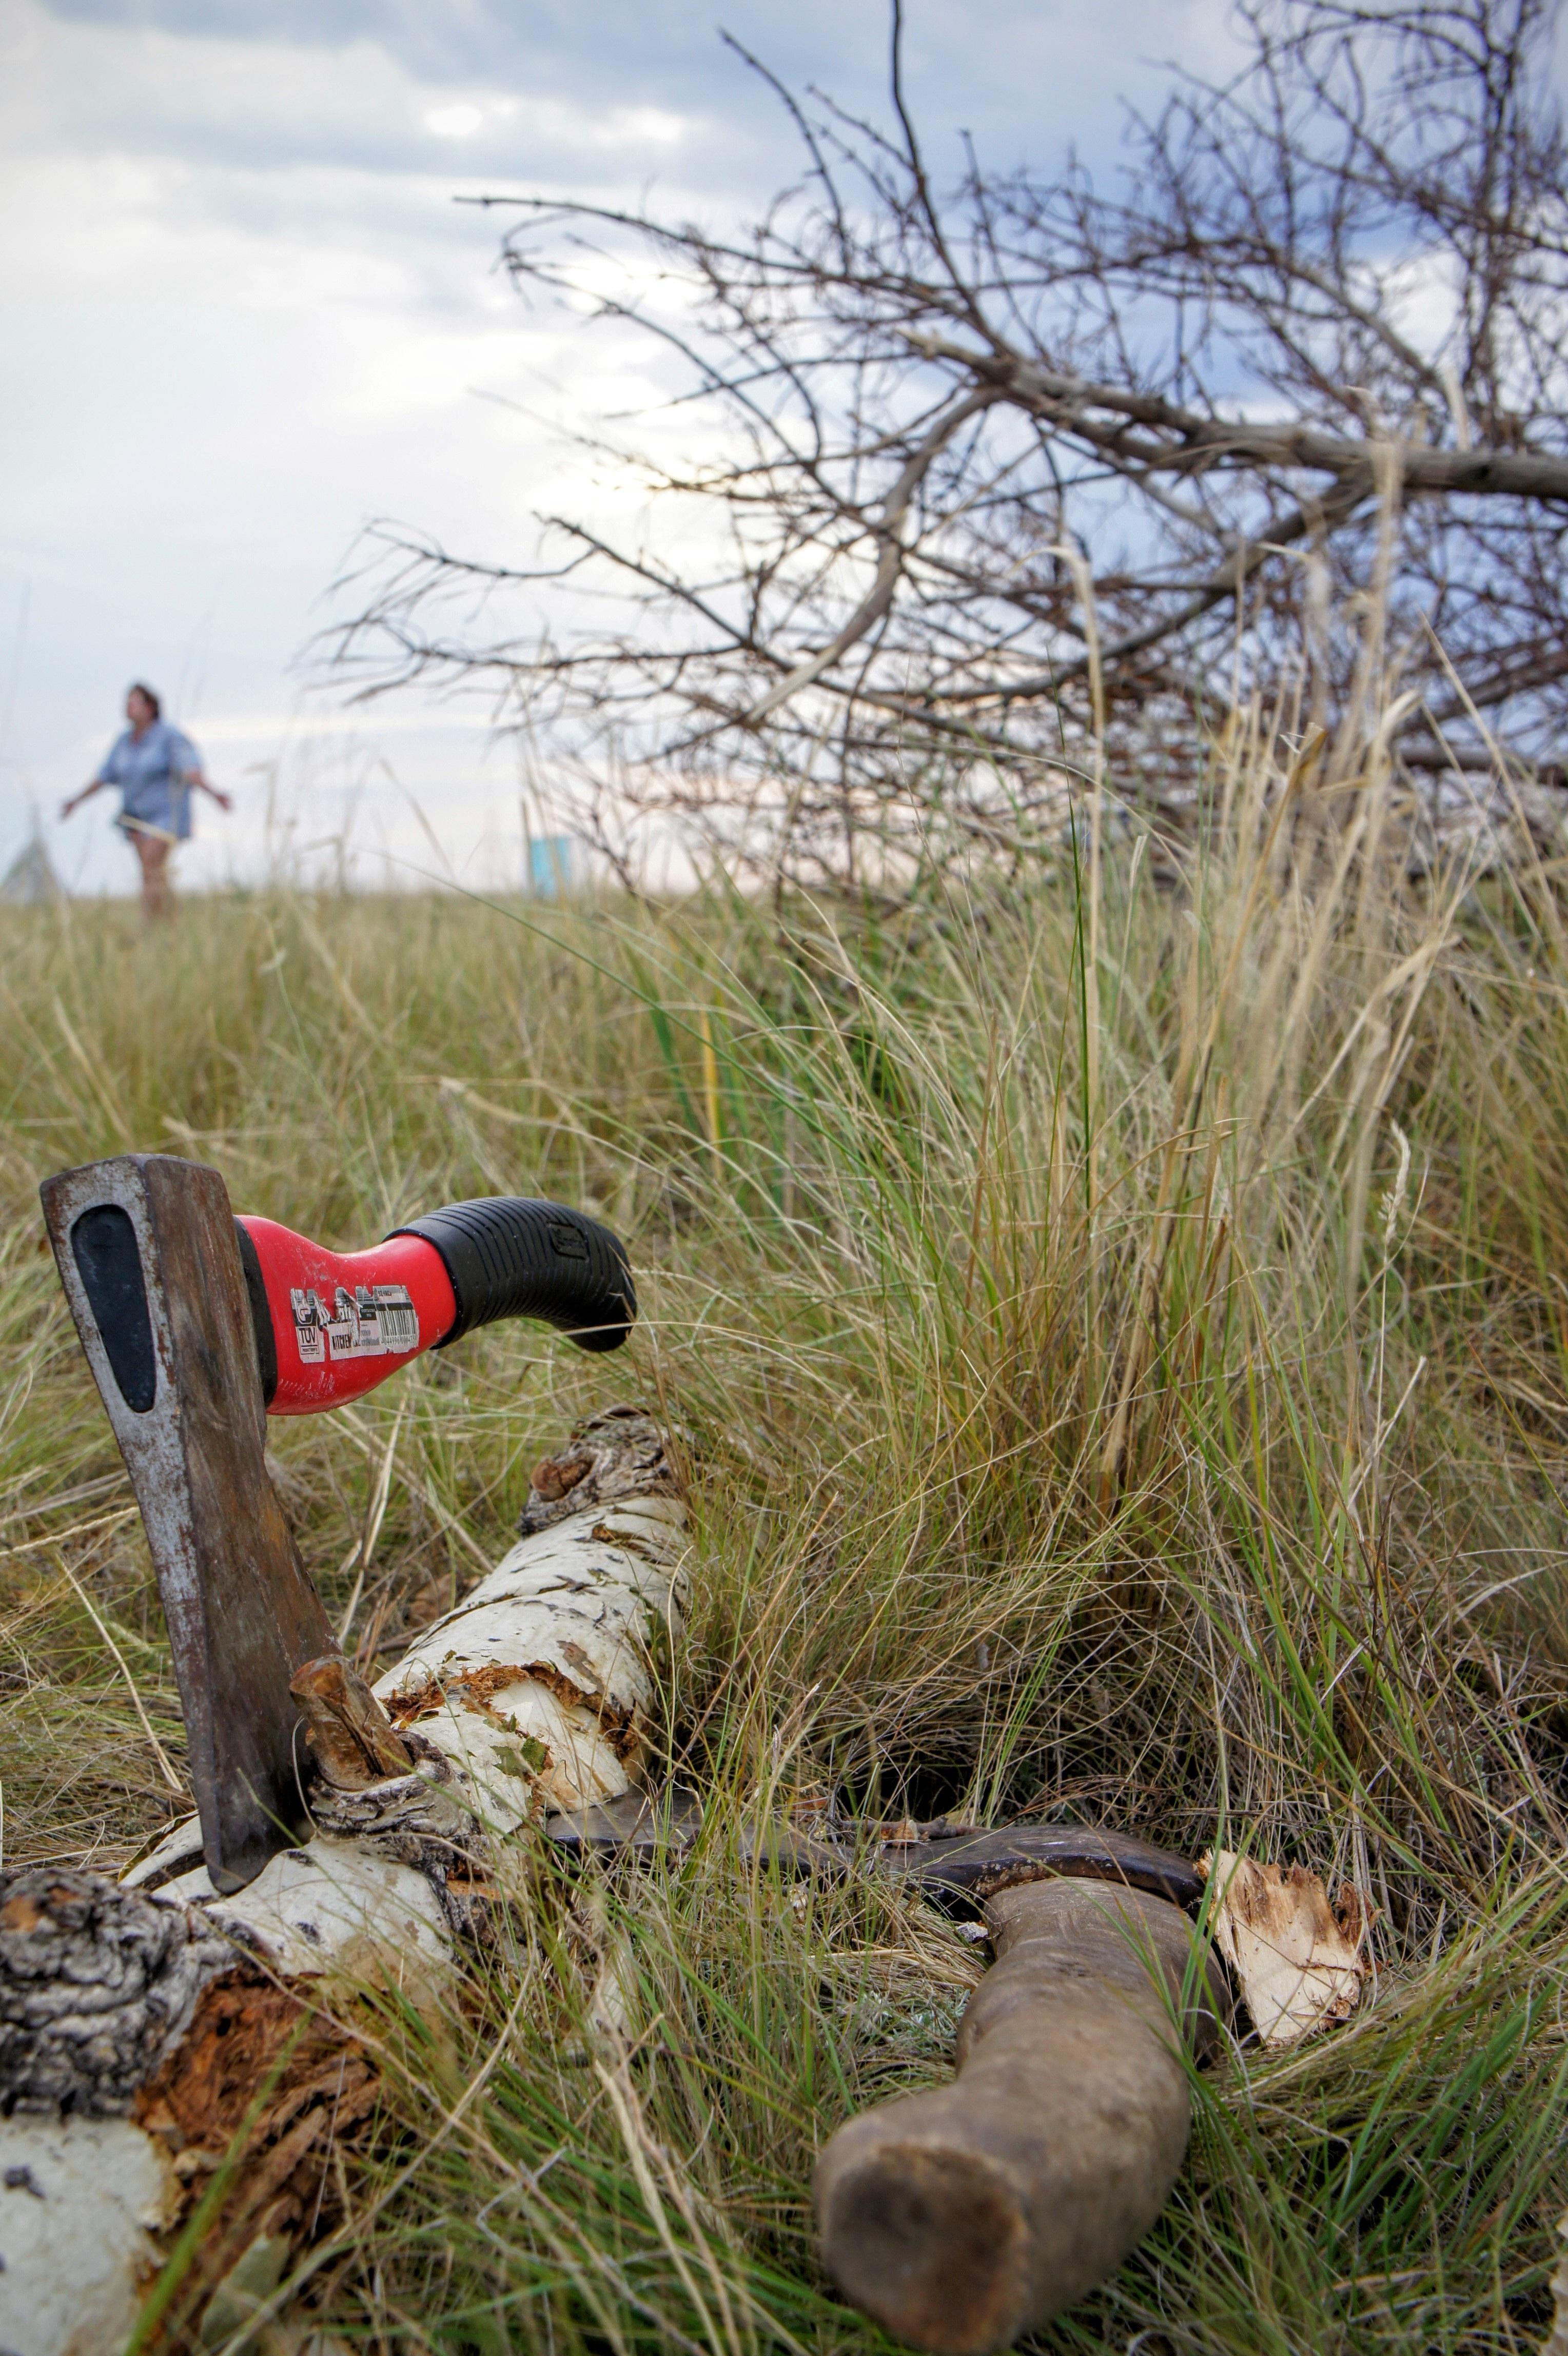 kostenlose foto : gras, wildnis, prärie, tierwelt, log, axt